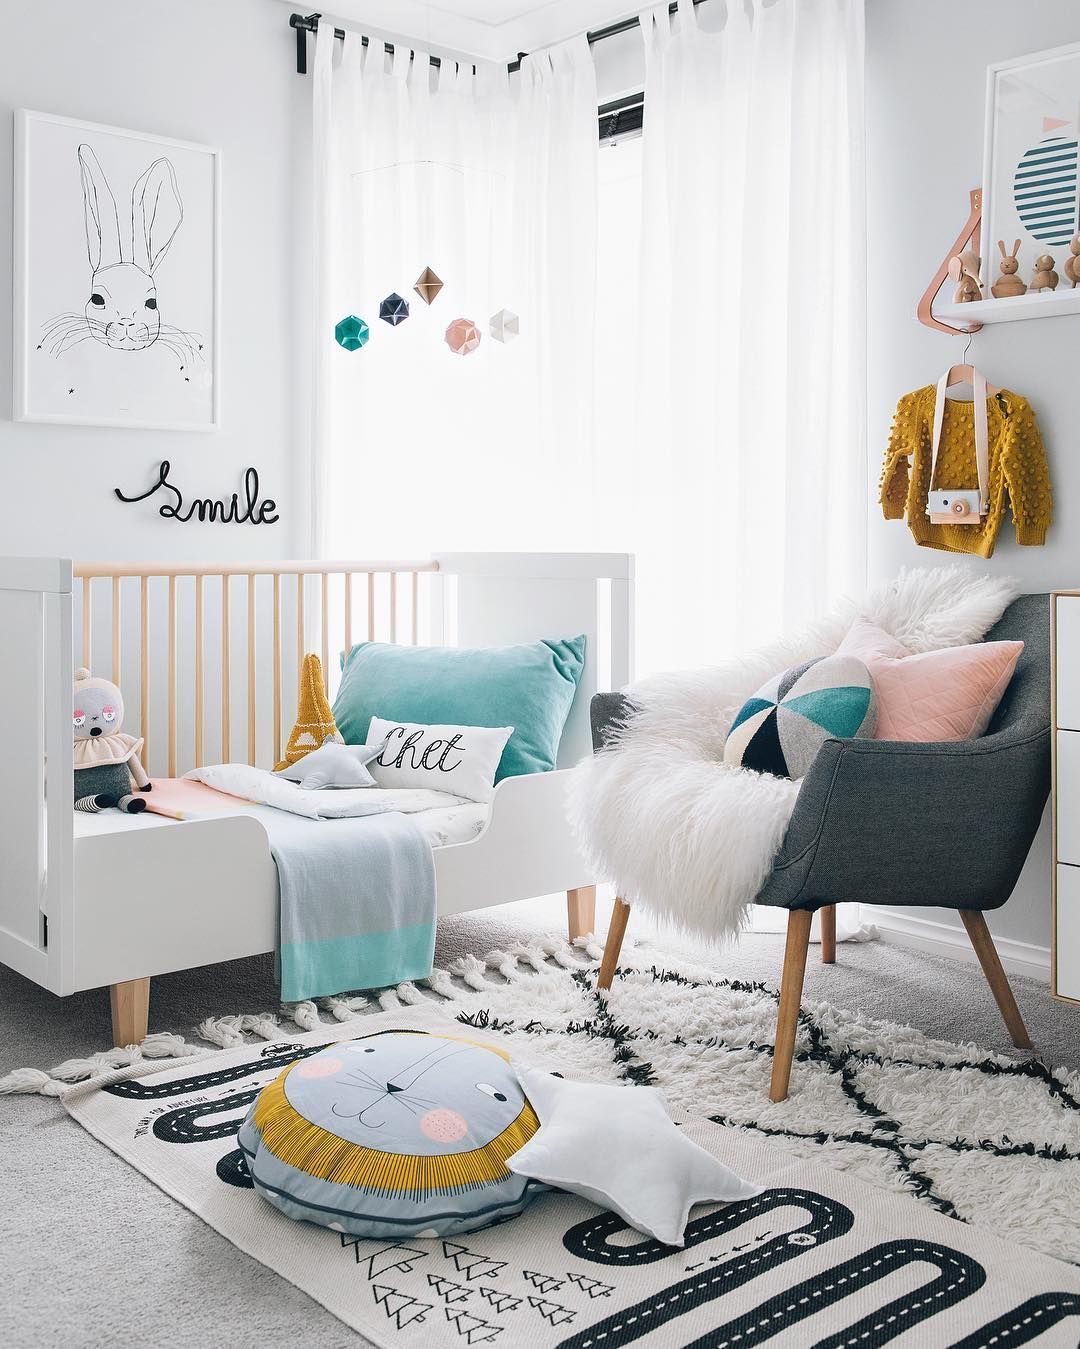 kinderzimmer einrichten inspiration so schön hell und modern kinder nursery